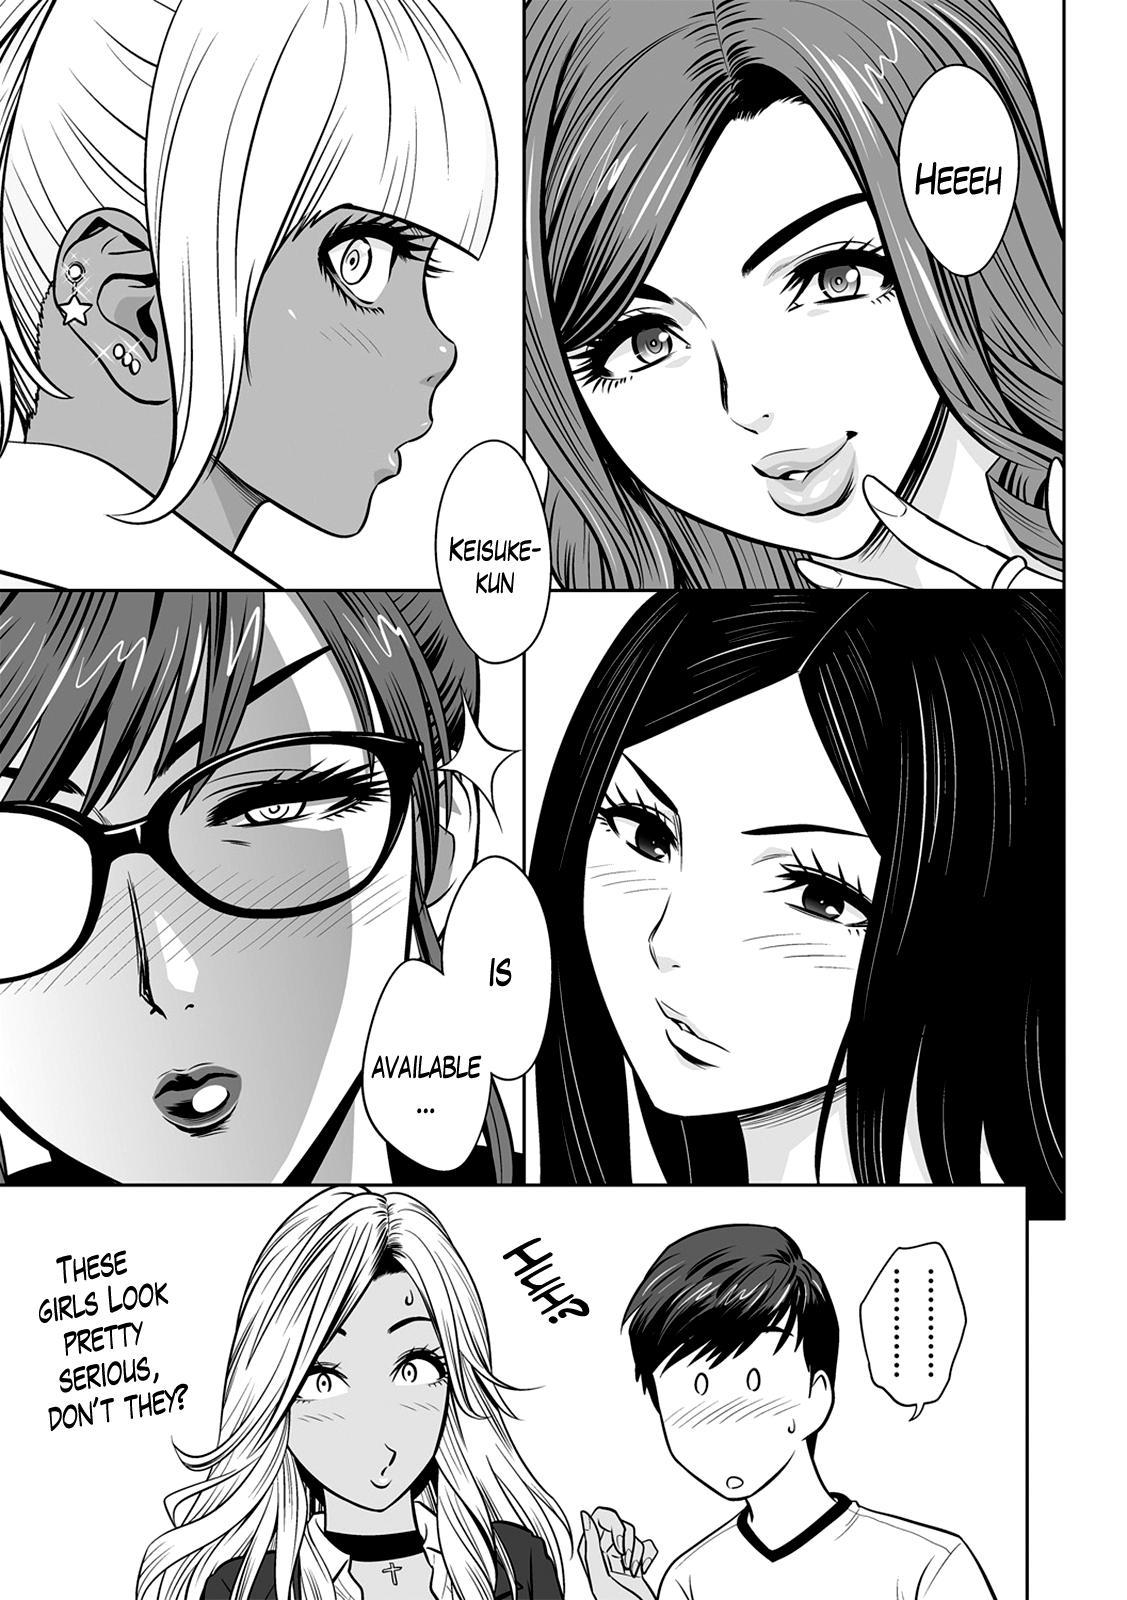 [Tatsunami Youtoku] Gal Ane Shachou to Harem Office ~SEX wa Gyoumu ni Fukumimasu ka?~ Ch. 1-5 [English] [Lazarus H, Doujins.com] [Digital] [Decensored] 10